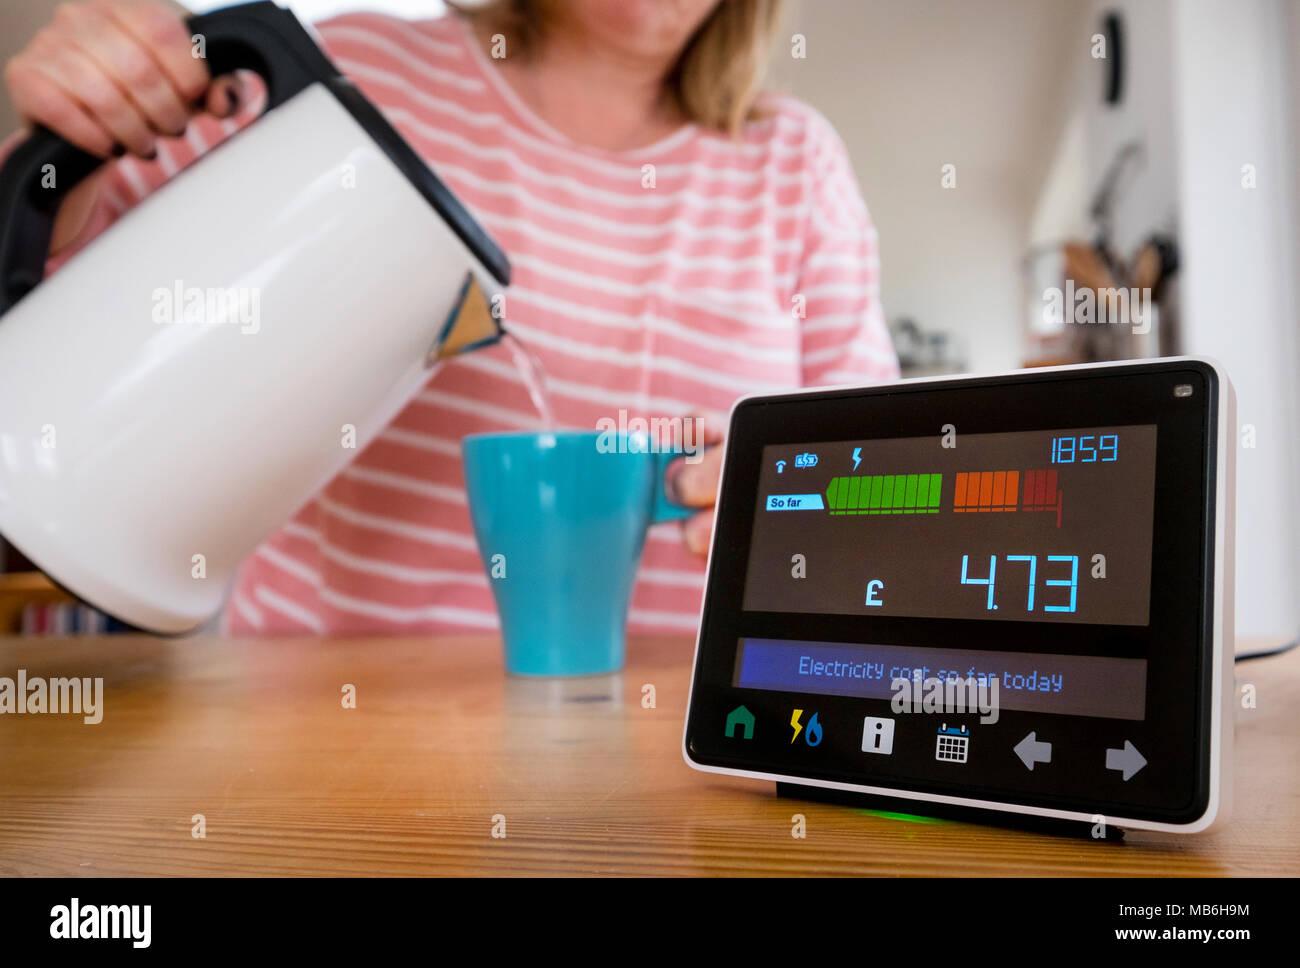 Moniteur d'énergie ( compteur intelligent )dans la cuisine d'une maison comme une femme fait une tasse de thé Photo Stock